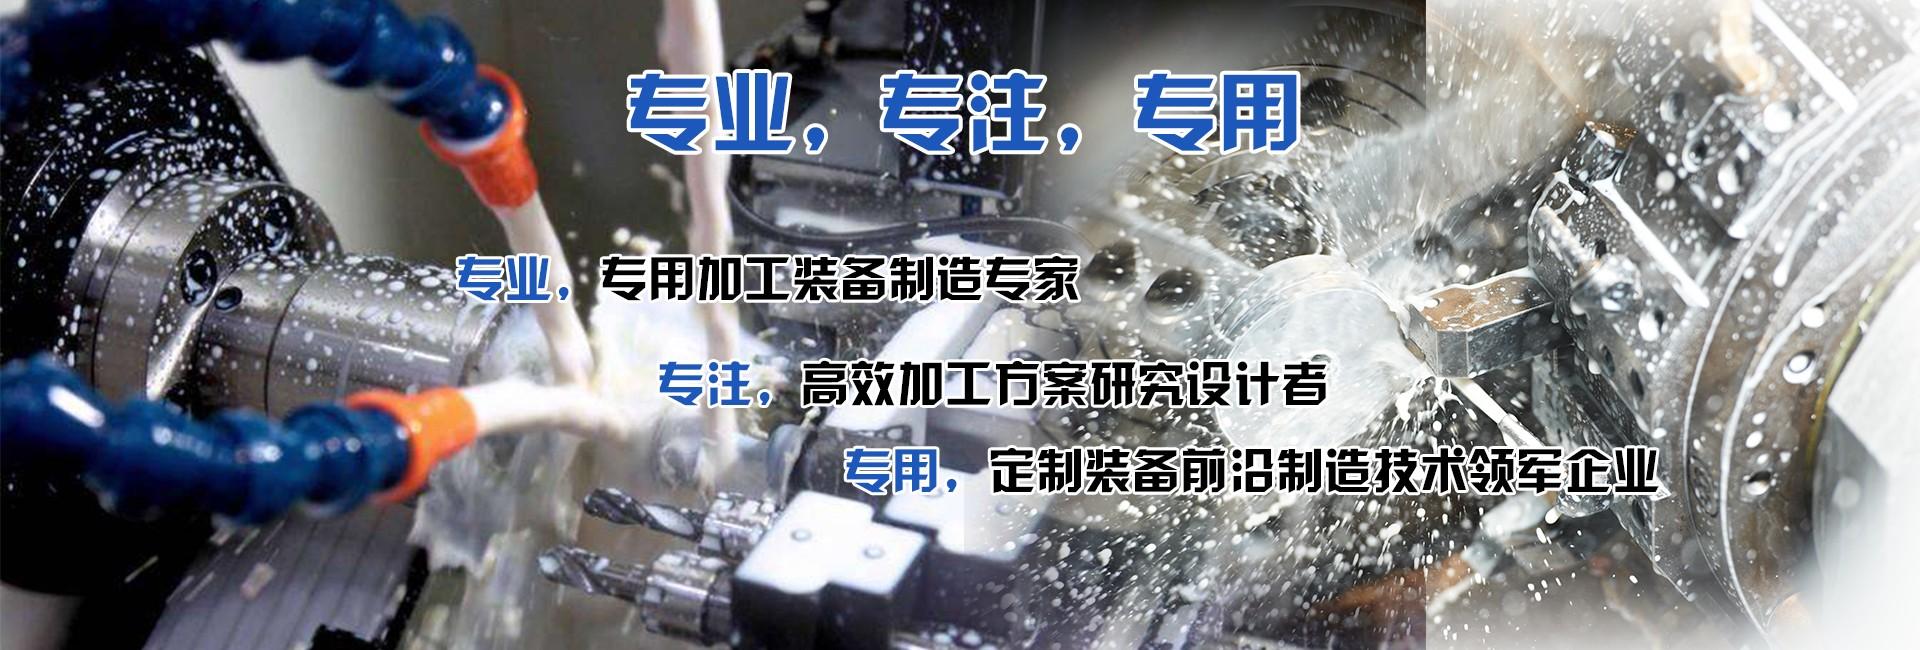 華電banner1_1